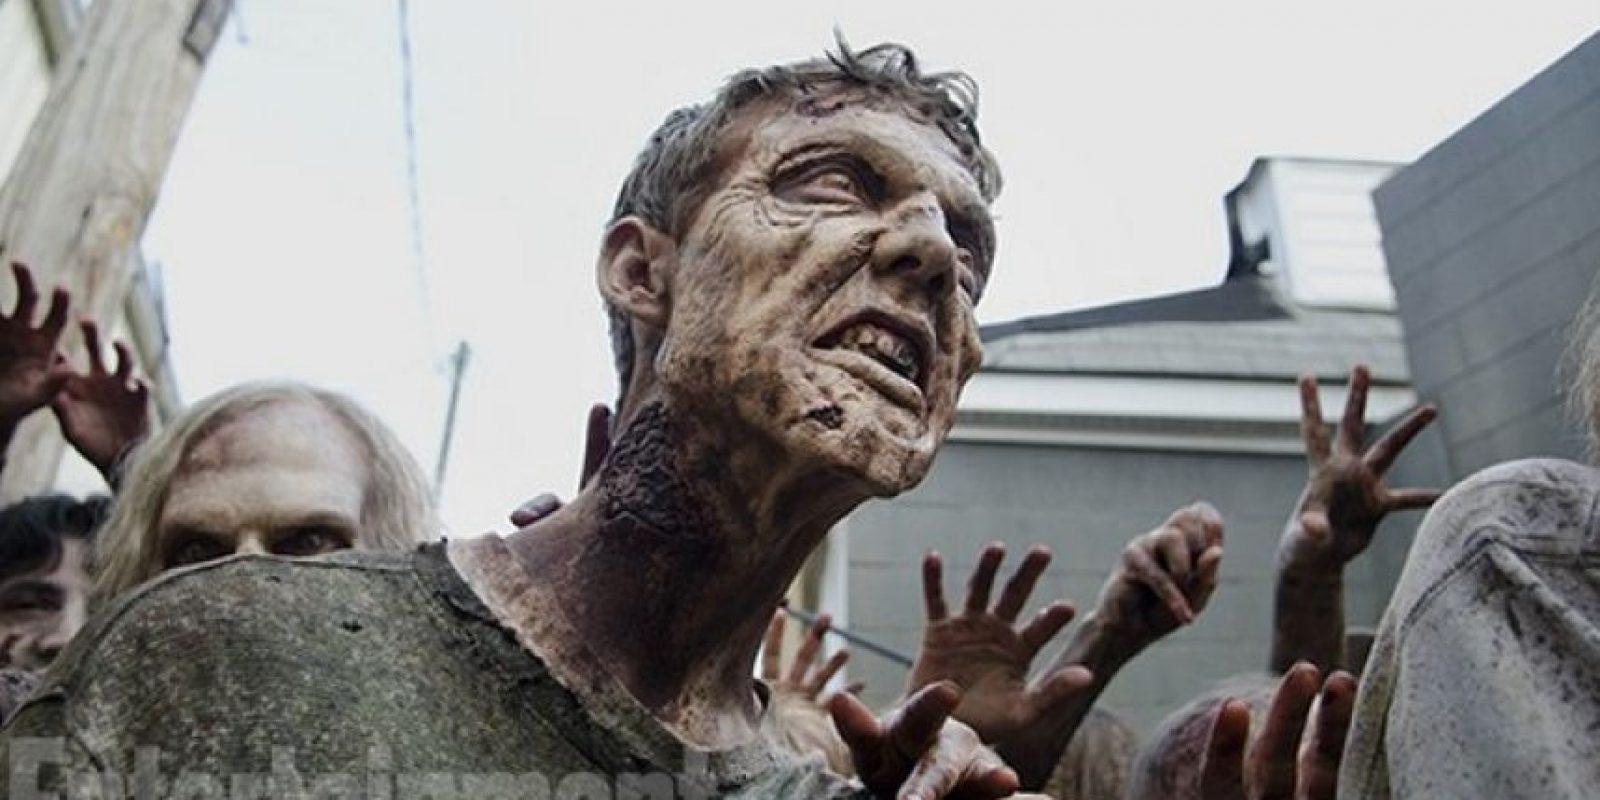 """La sexta temporada de """"The Walking Dead"""" llegará a la pantalla el próximo 12 de octubre a través de la cadena de televisión AMC. Foto:""""Entertainment Weekly"""""""